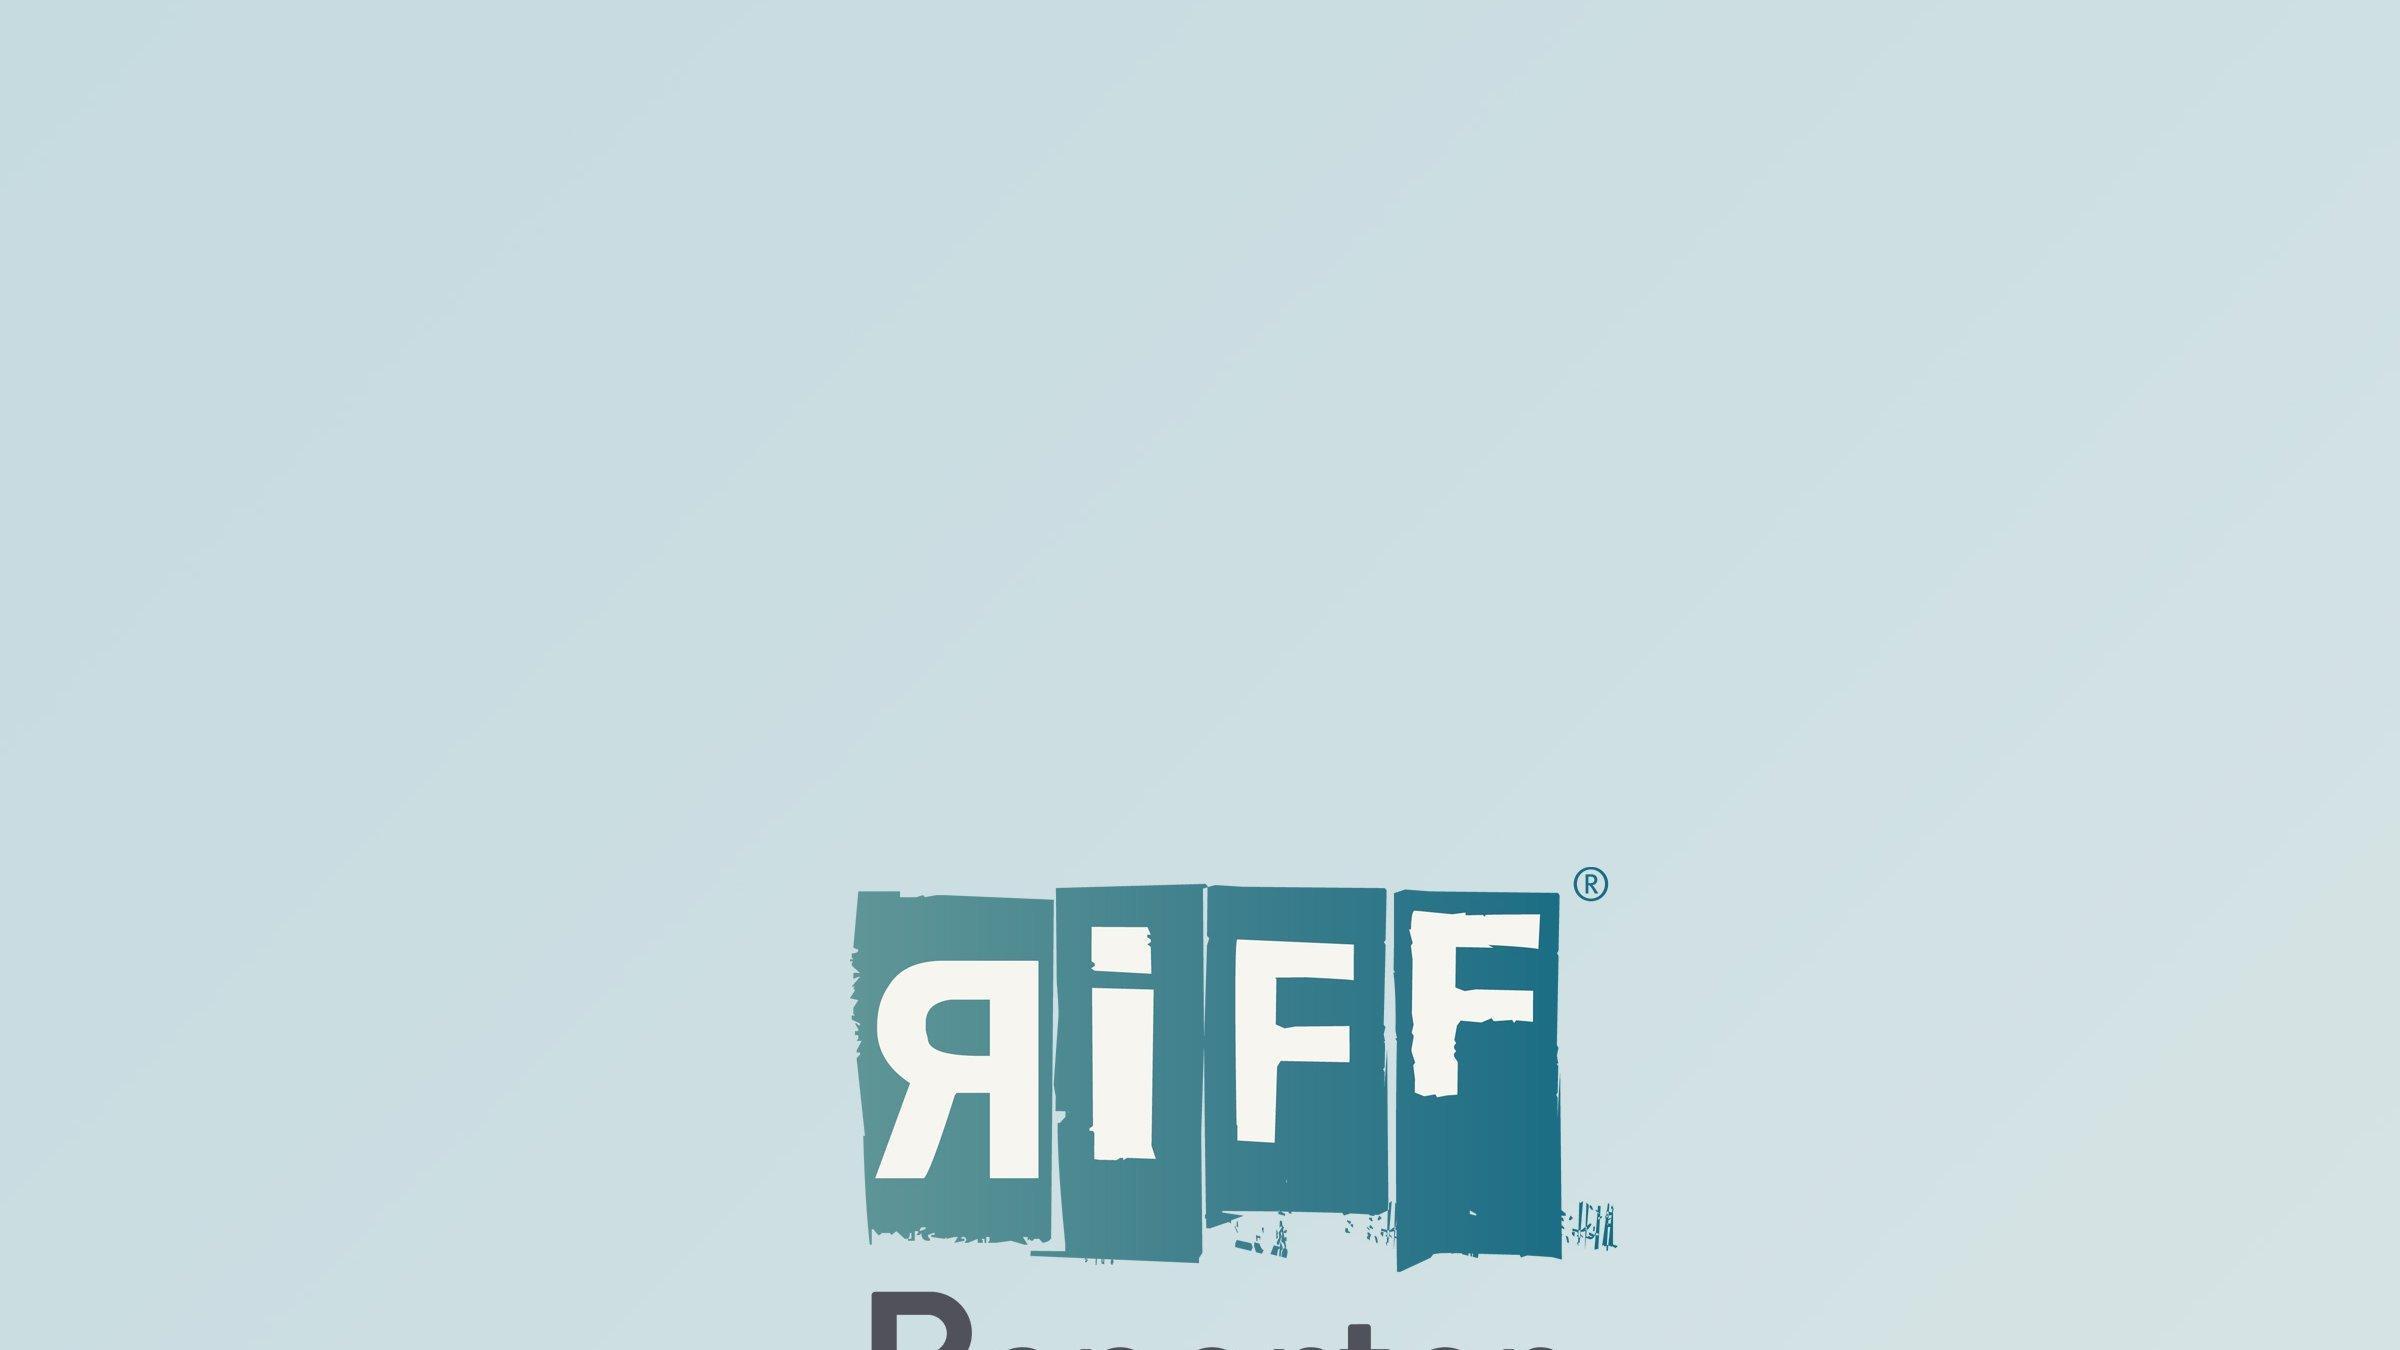 Die künstlerische Darstellung zeigt im Zentrum Lavaplaneten, der einen orange-roten Stern umkreist. Der Stern befindet sich rechts oben im Bild und ist nur im Ausschnitt zu sehen. Der Exoplanet selbst ist ebenfalls rötlich eingefärbt.